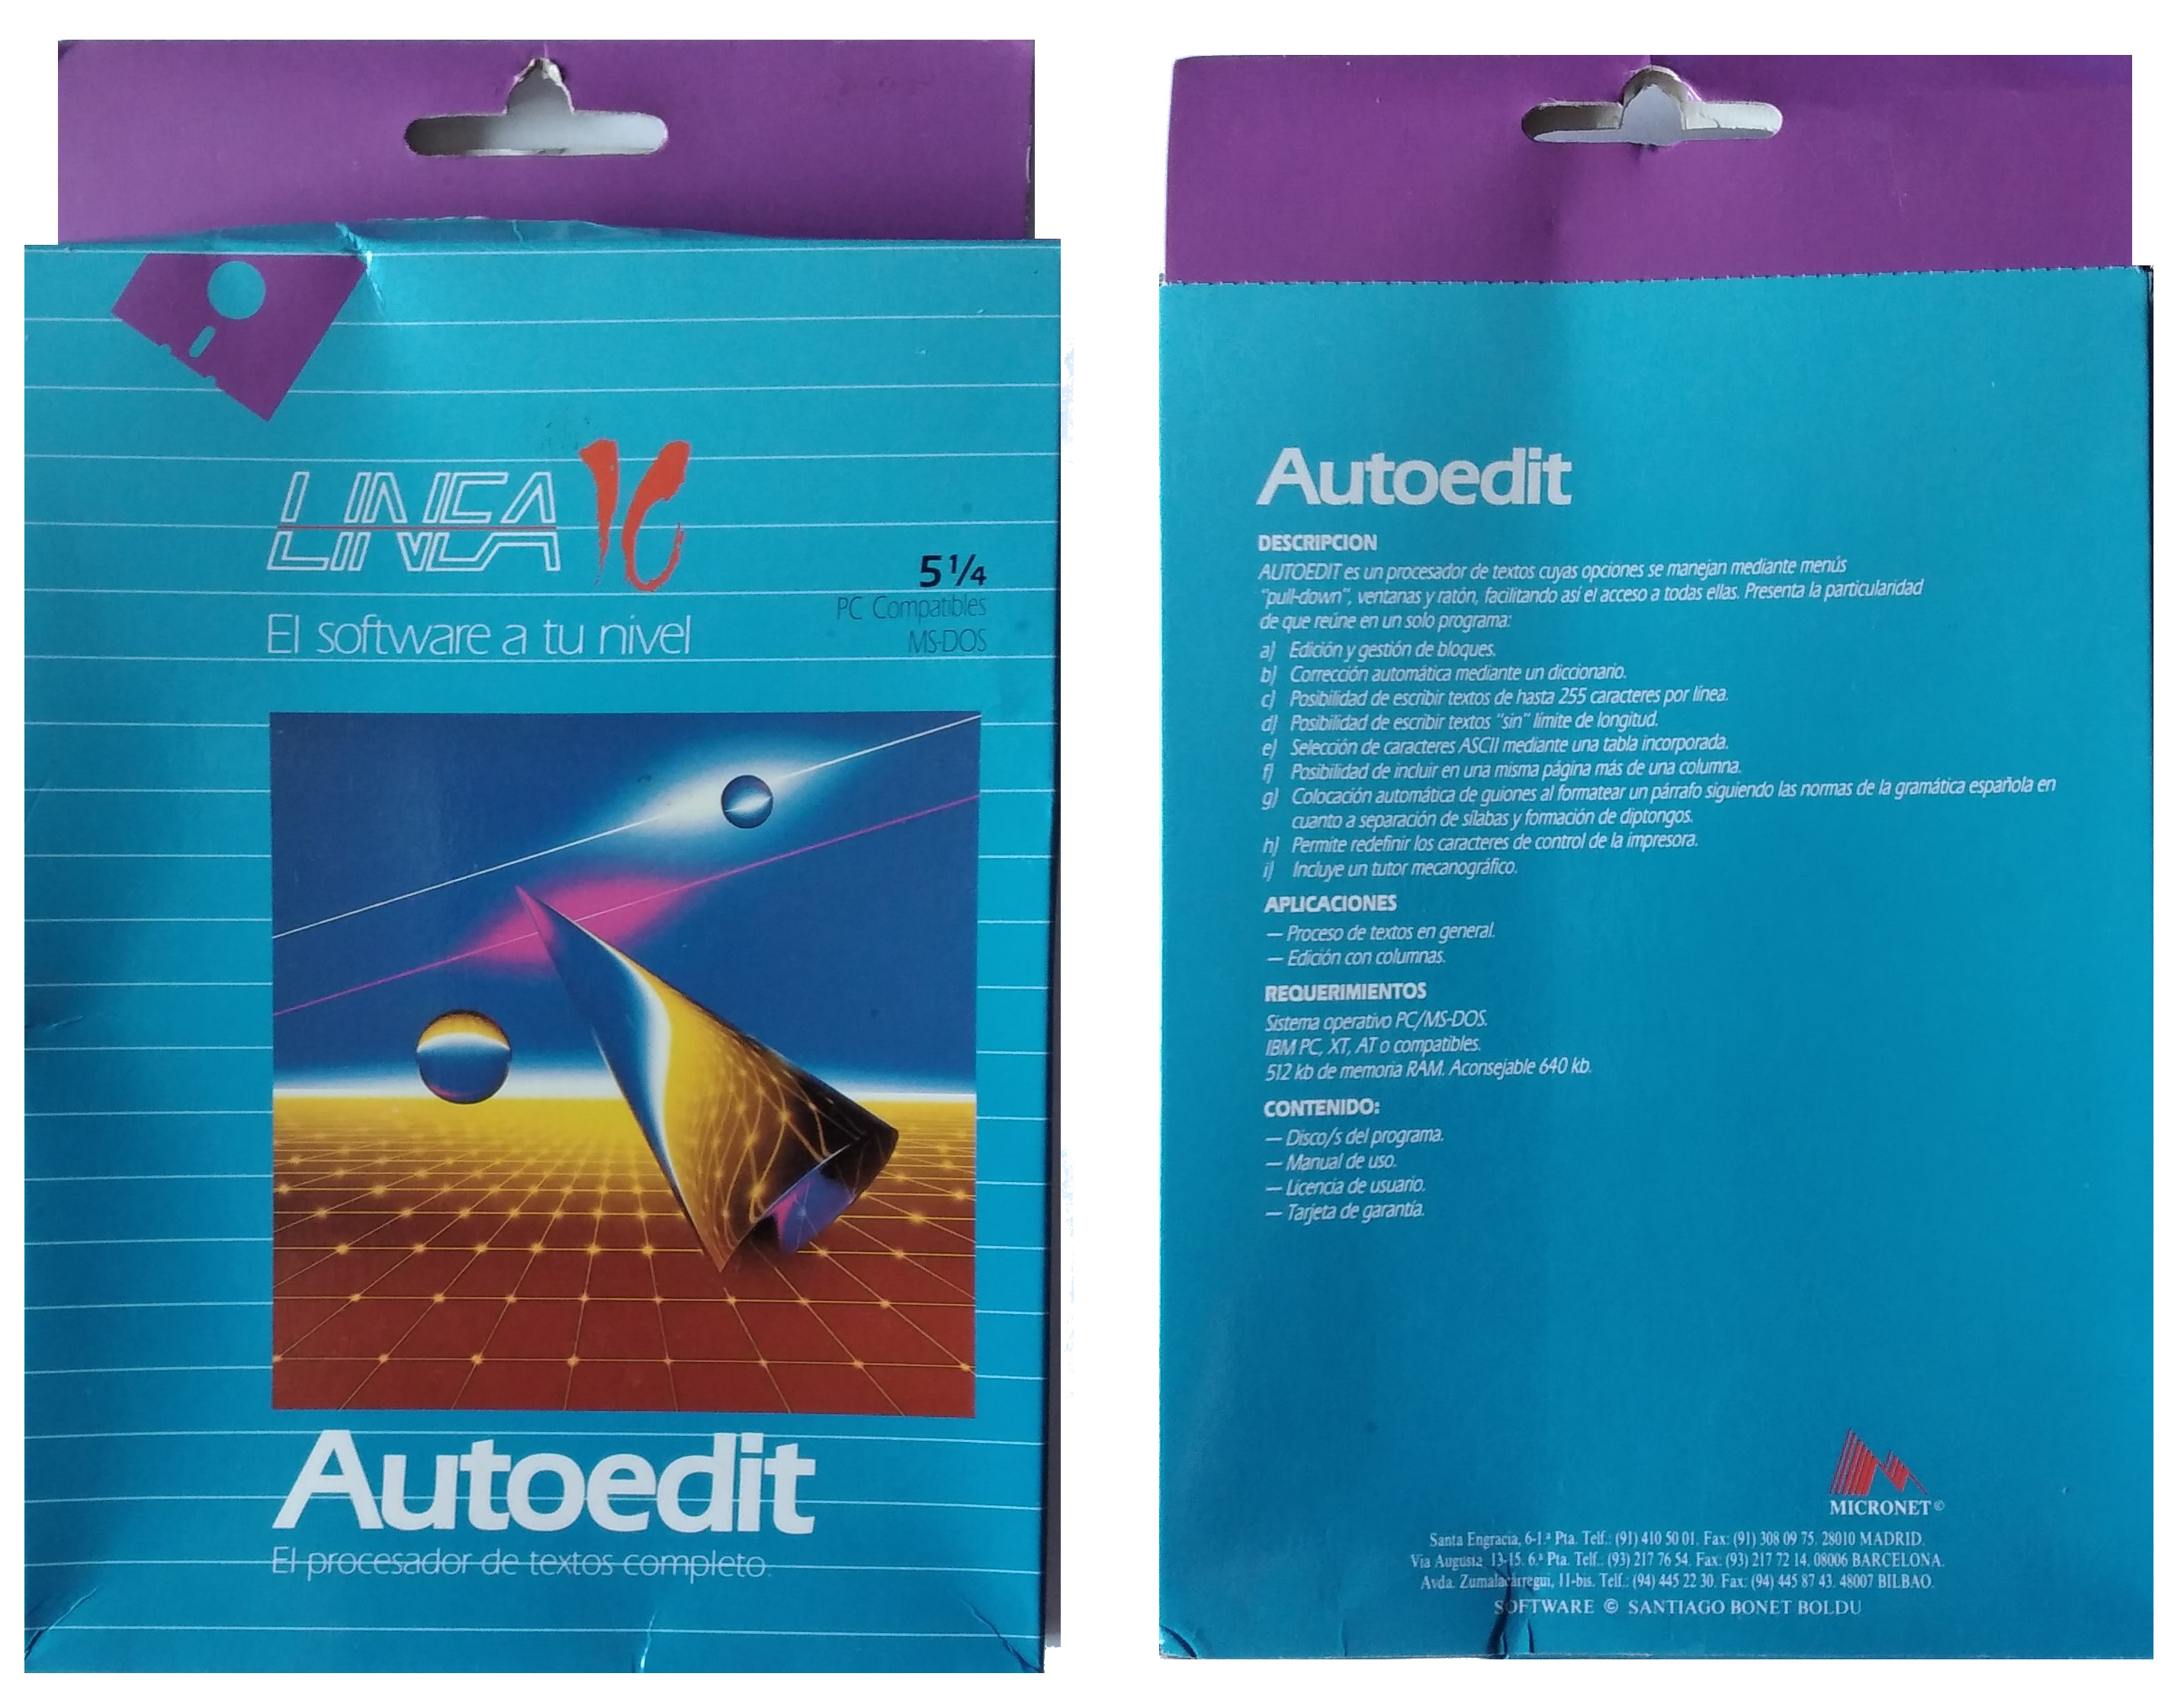 AutoEdit: El procesador de textos completo